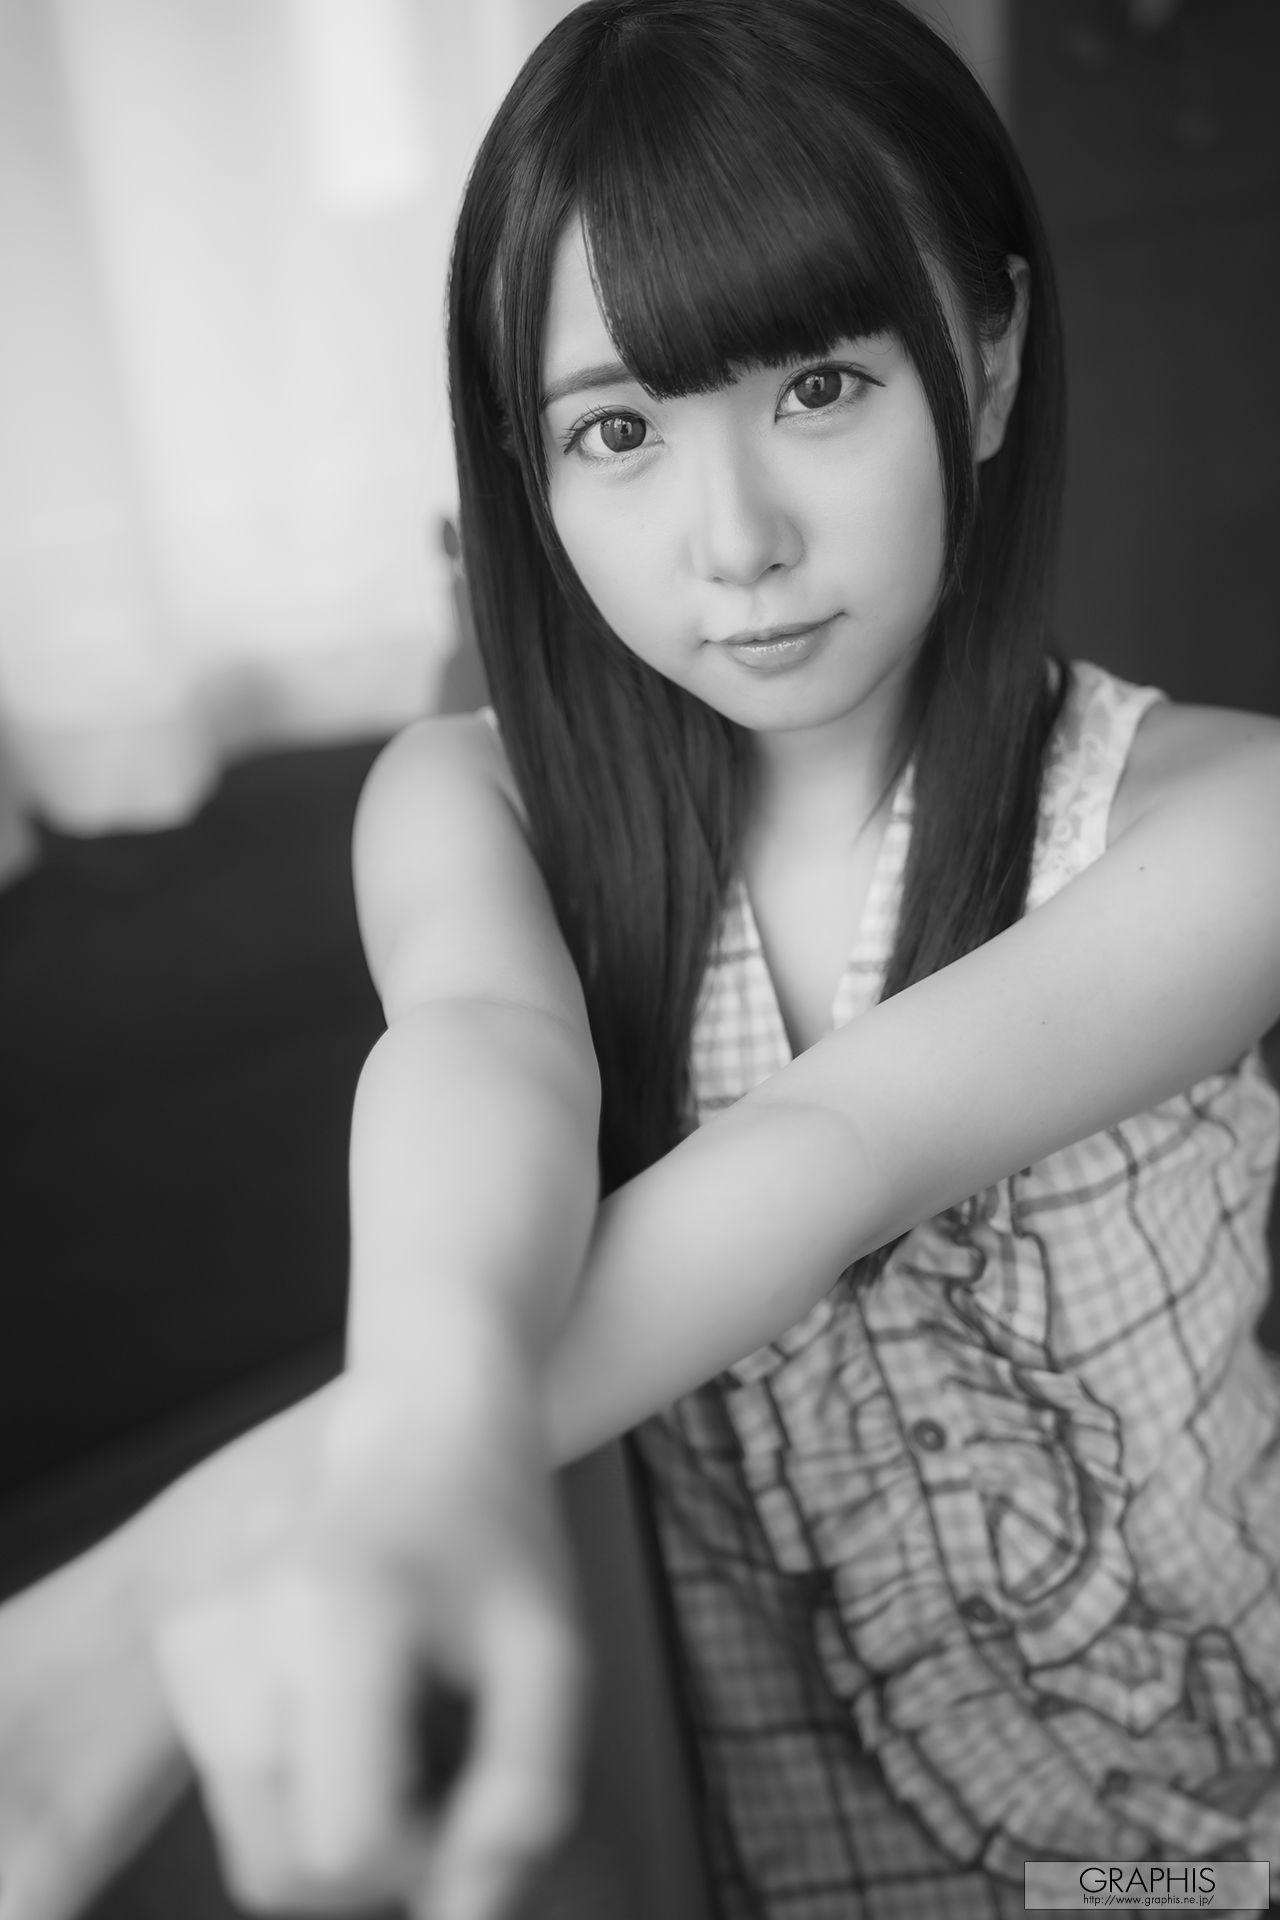 VOL.472 [Graphis]日本萌妹子:梦见照歌(夢見照うた)超高清写真套图(11P)